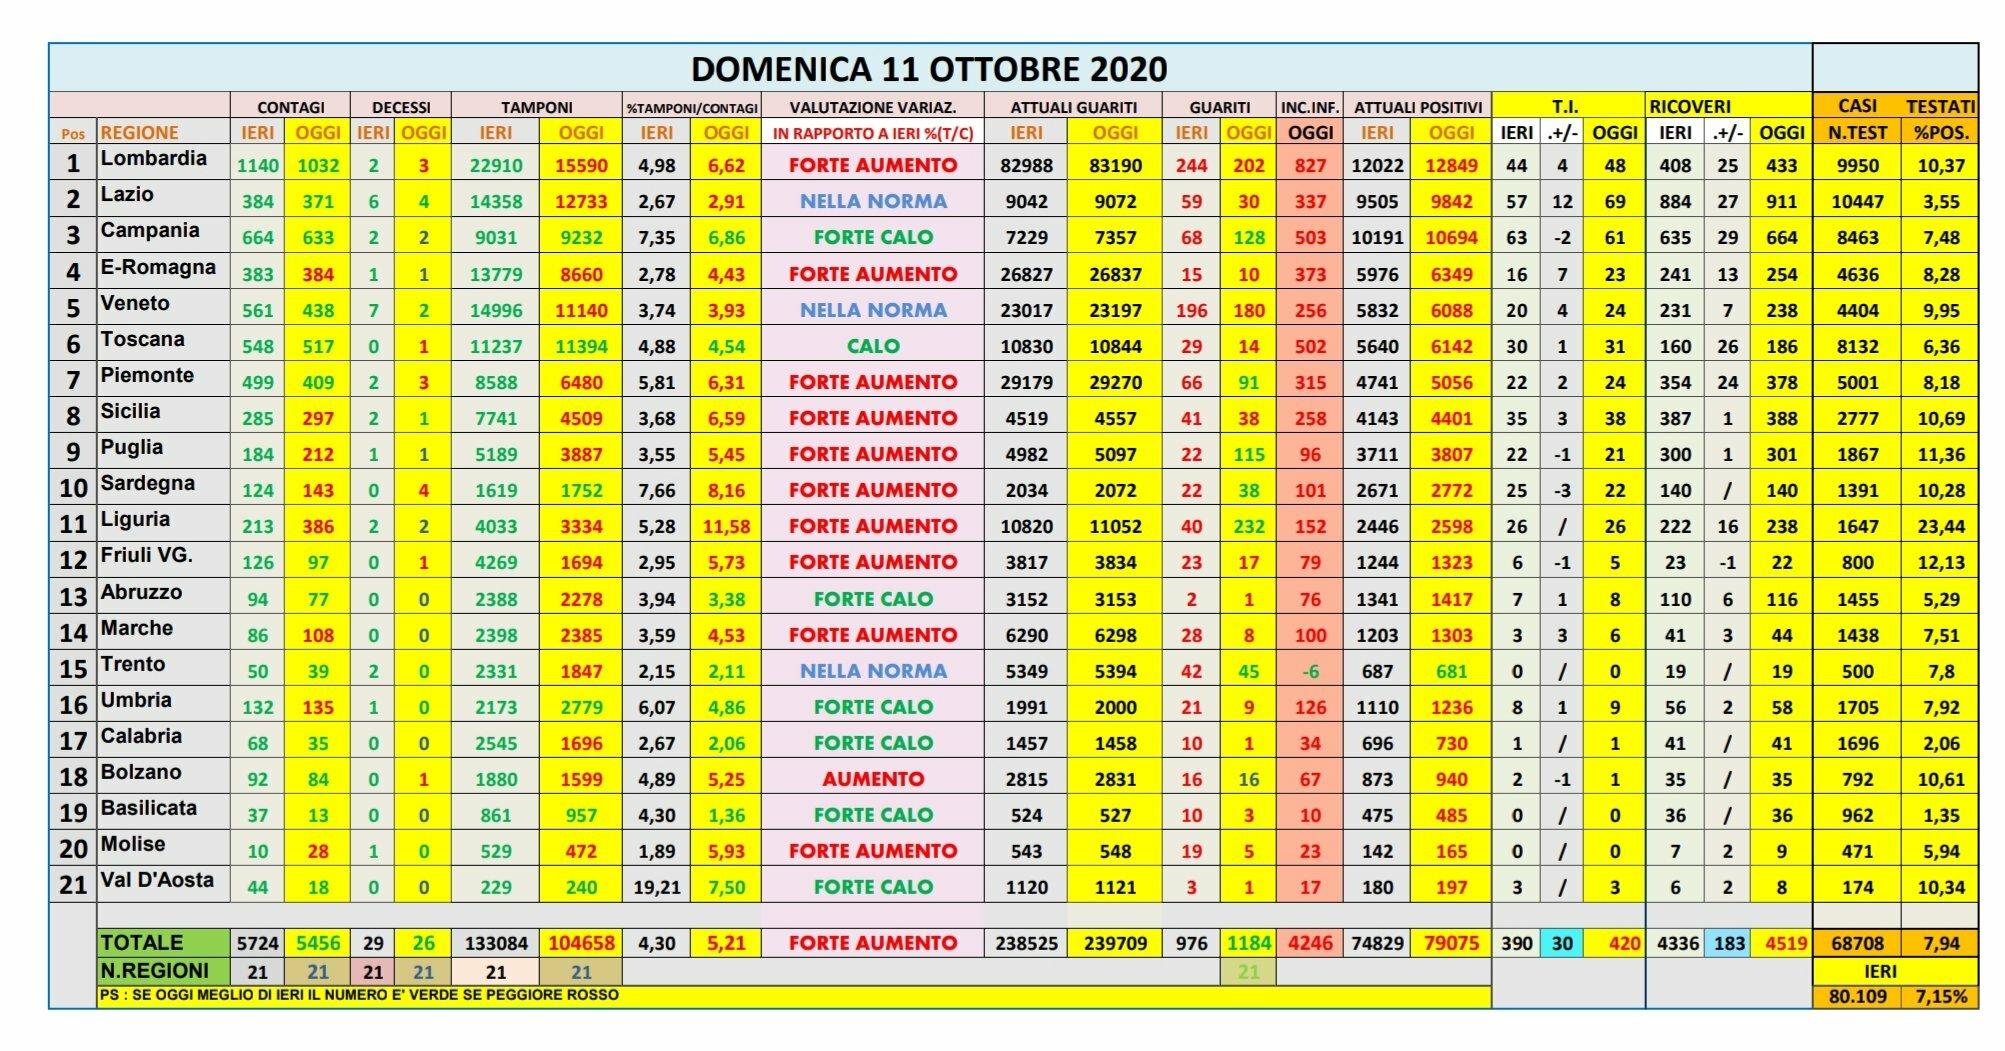 Coronavirus Il Bollettino Di Oggi Domenica 11 Ottobre 5 456 Nuovi Casi E 260 Morti Ecco La Mappa Dei Nuovi Focolai